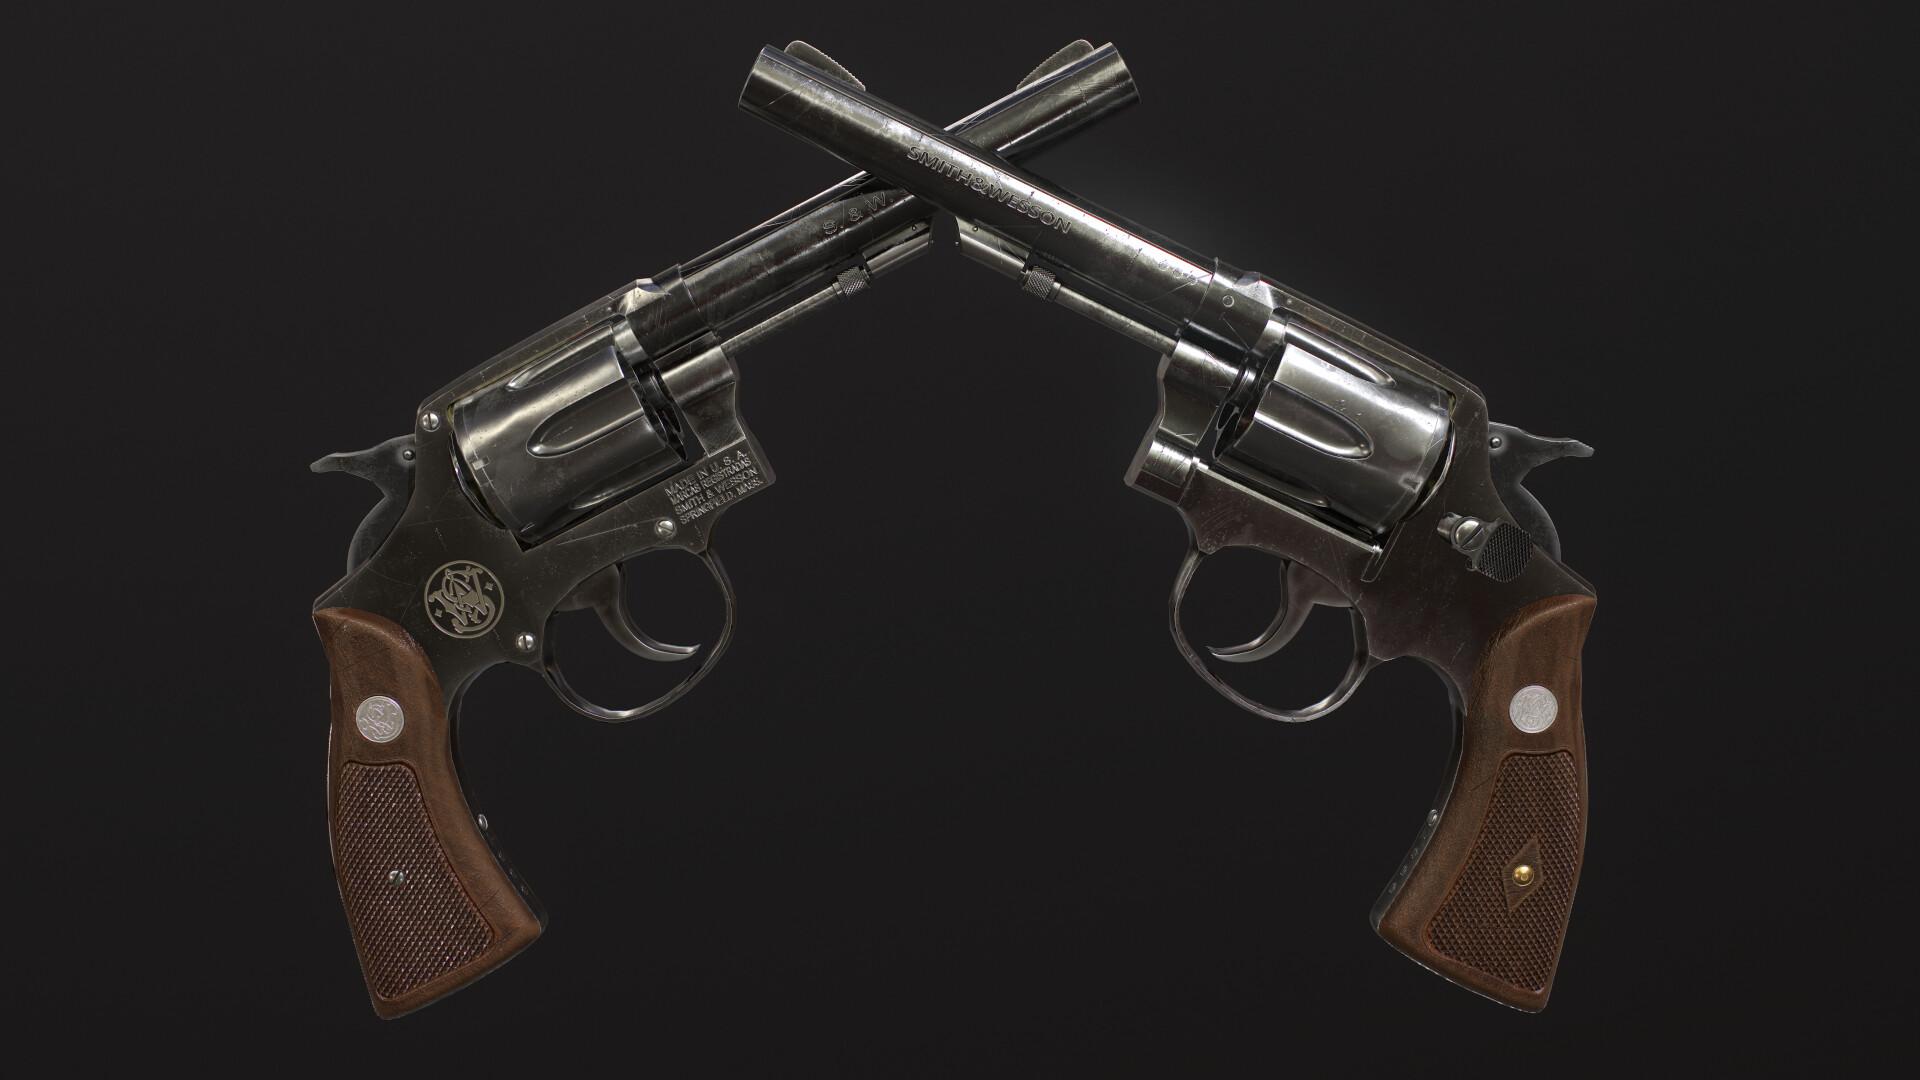 ArtStation - Smith & Wesson Revolver Model 10, Ramy Ahmed Yahia